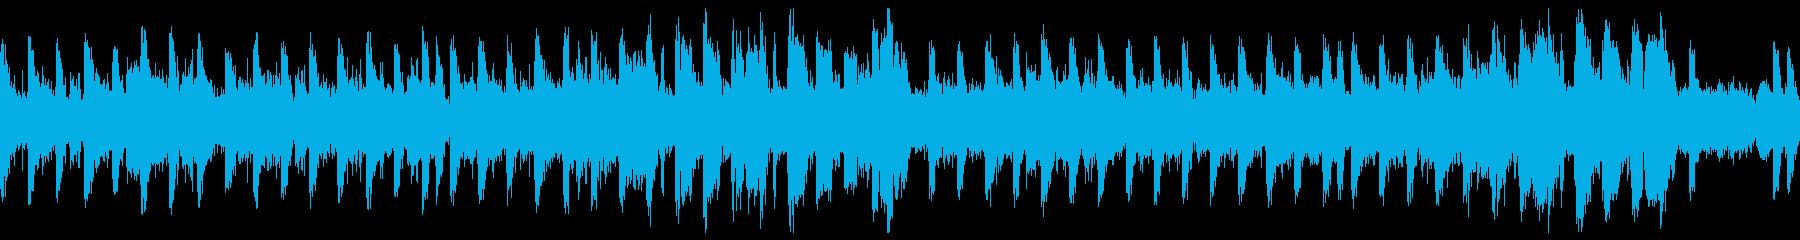 ニュース読み、動画用途のシンプル楽曲の再生済みの波形